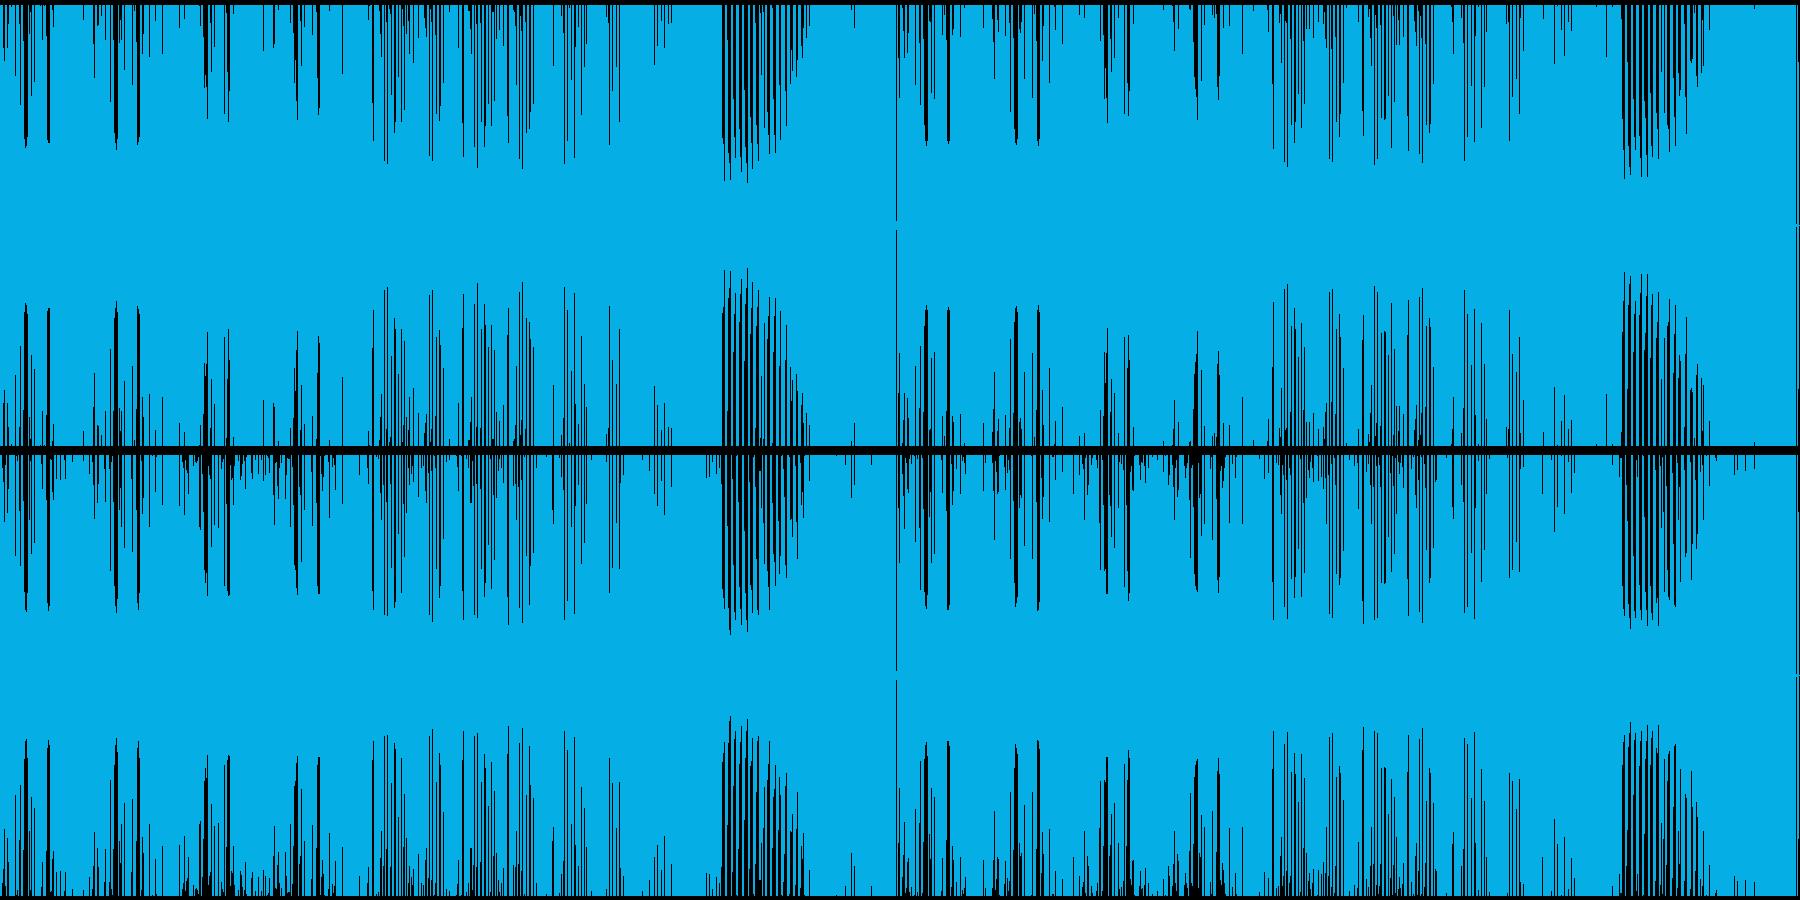 激しいダブステップループの再生済みの波形